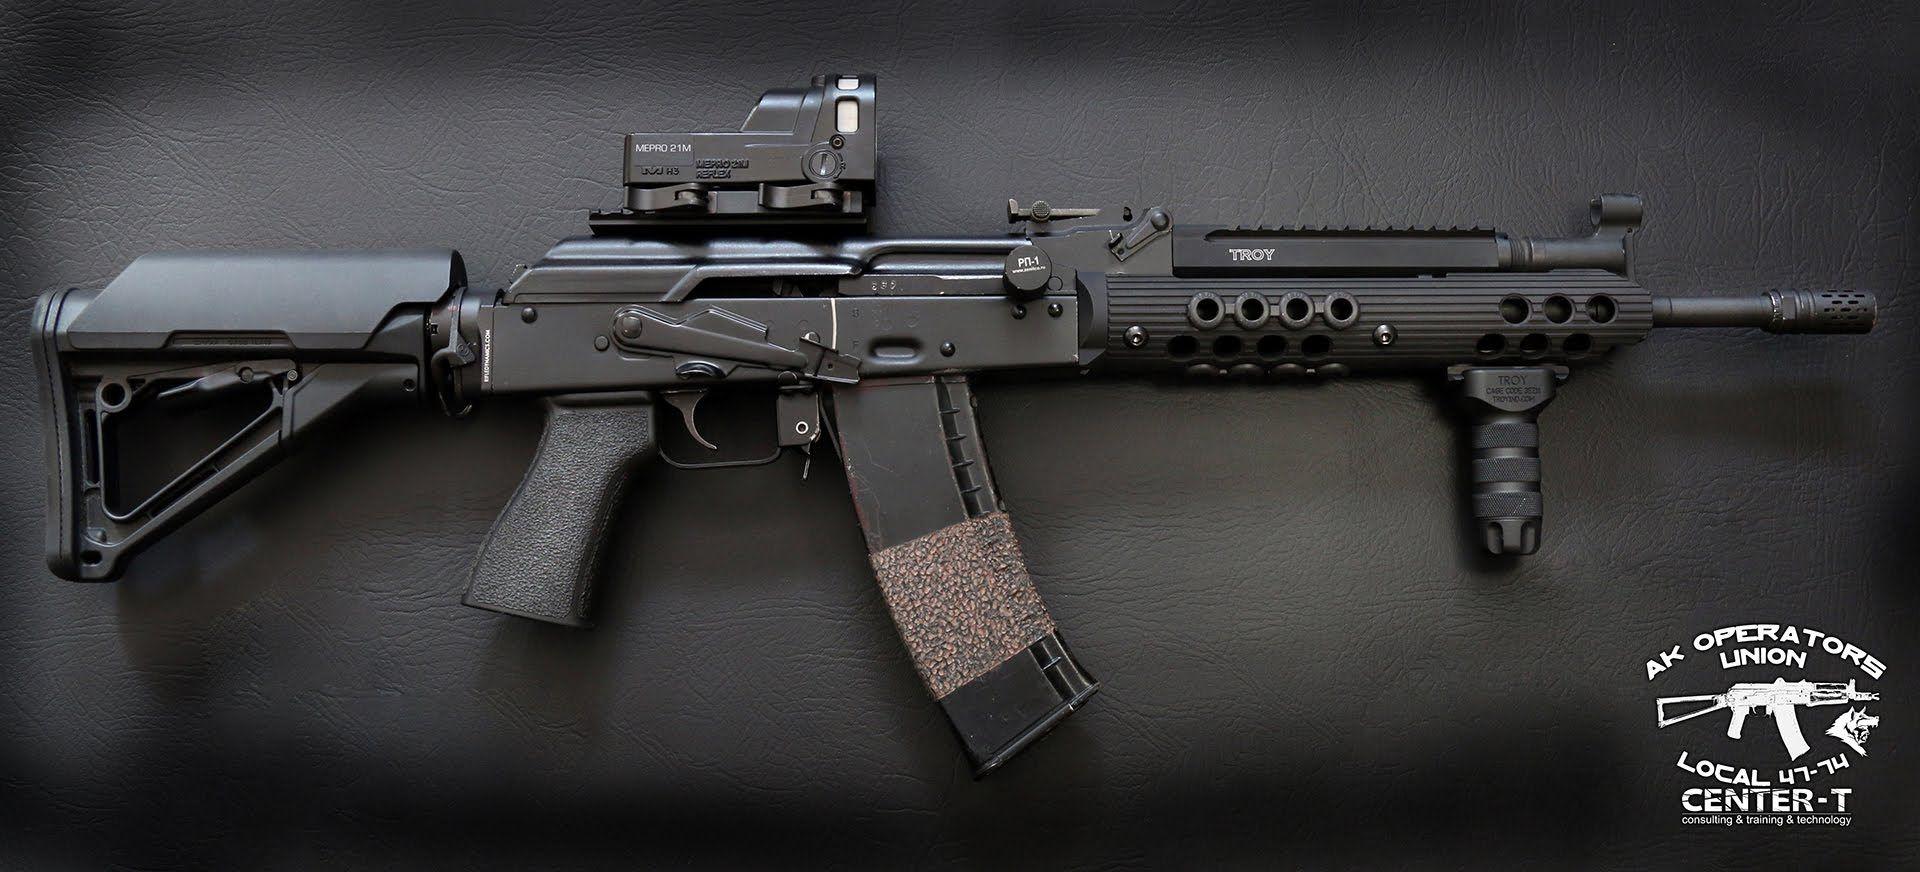 Pin by Keith Matlock on Ak's | Ak 74, Guns, Troy industries